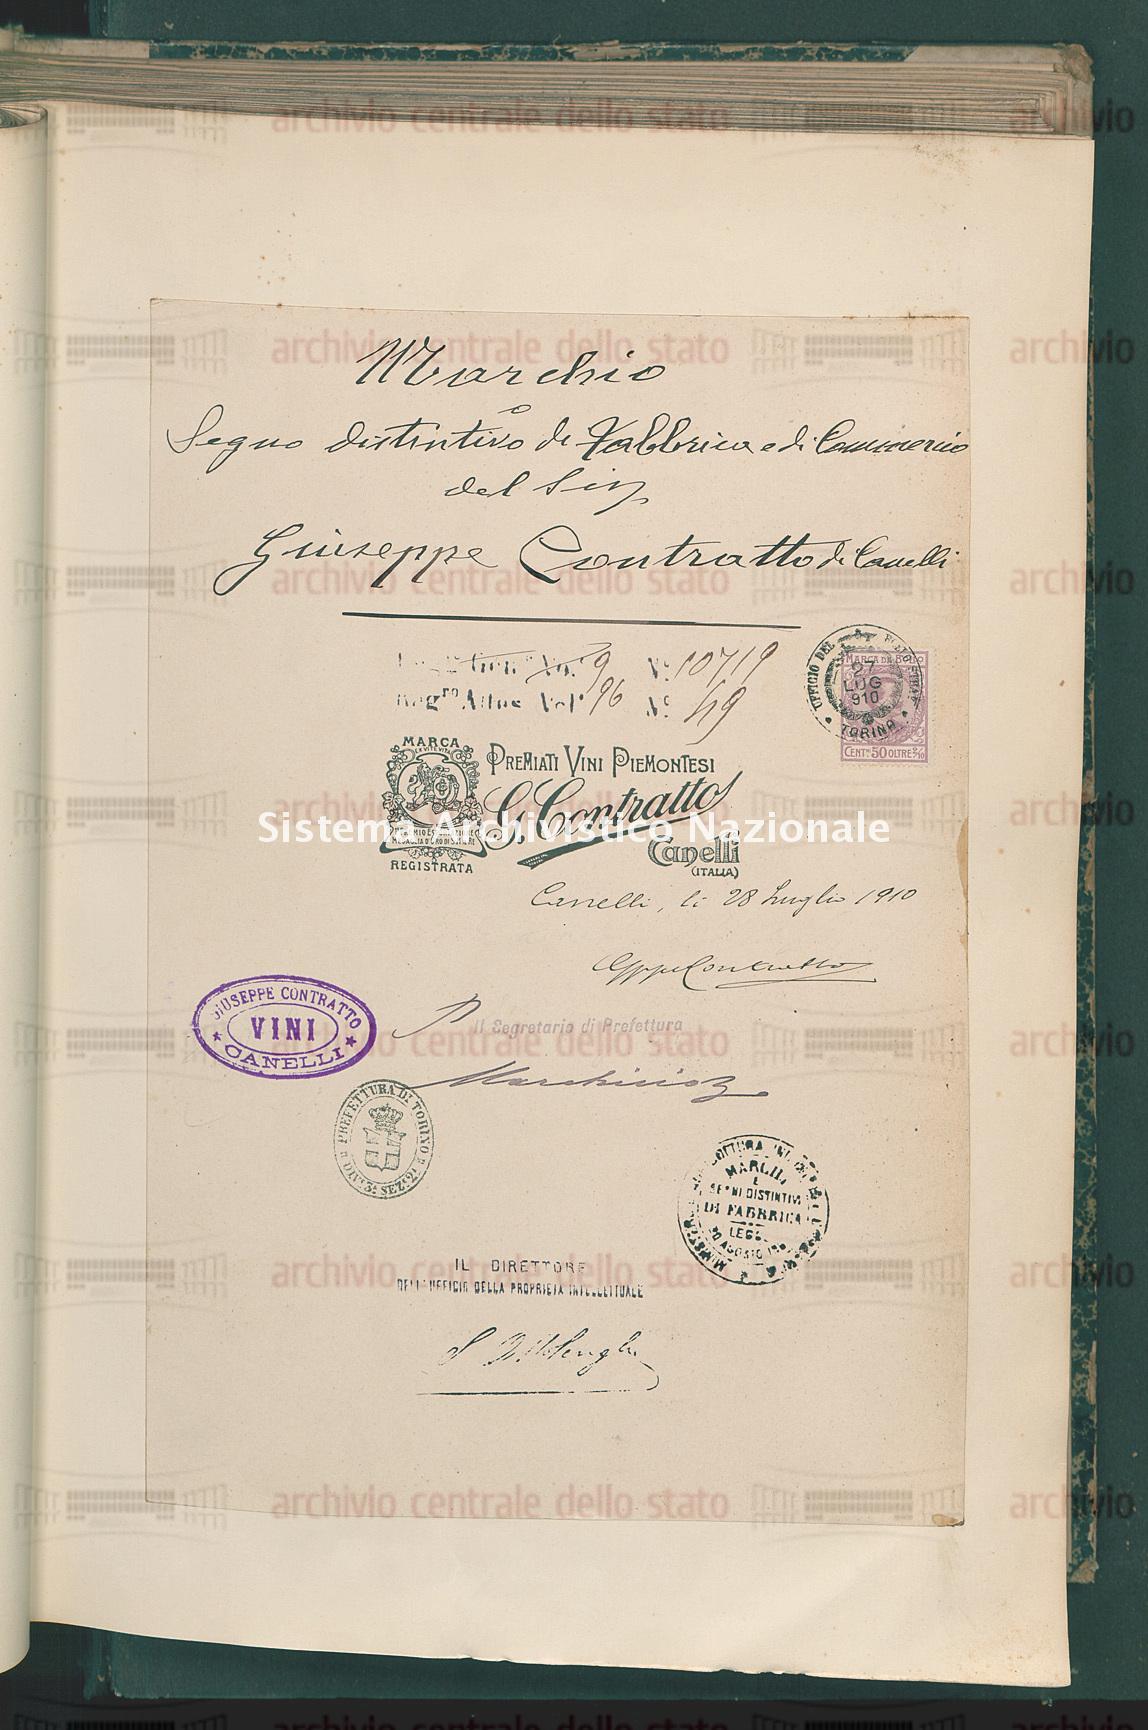 Contratto Giuseppe (19/10/1910)